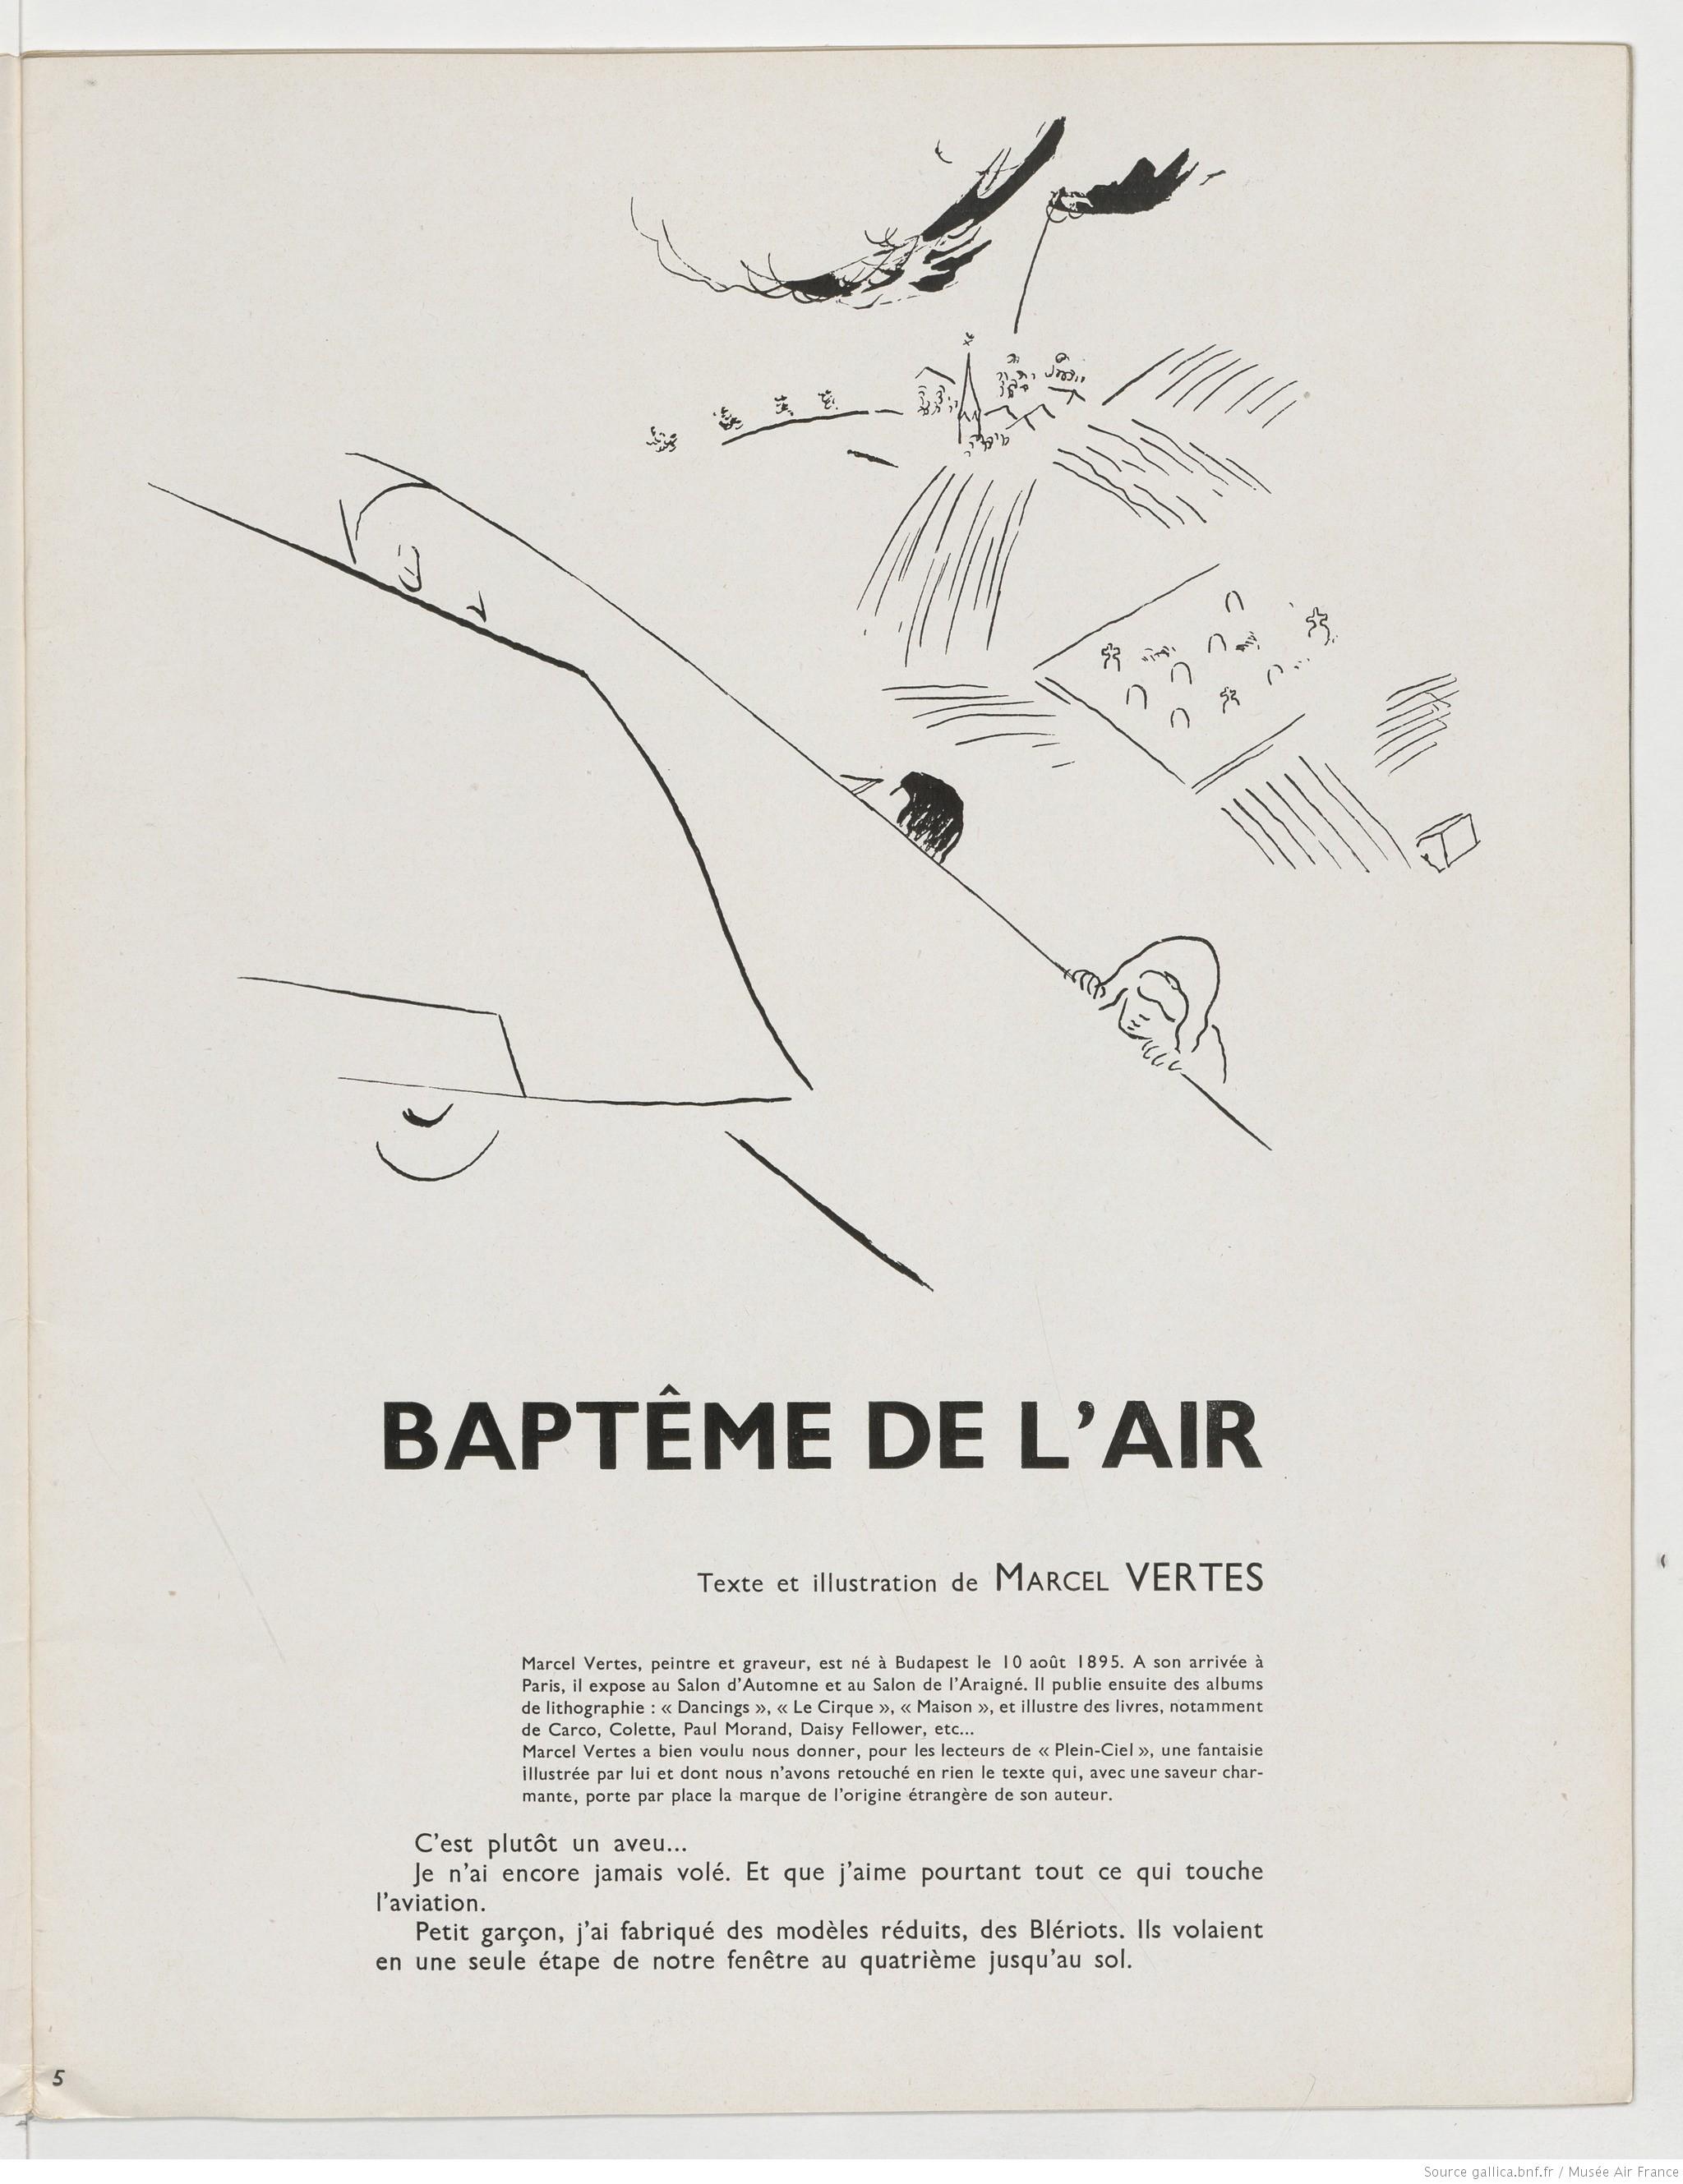 plein_ciel_journal_1937.jpg